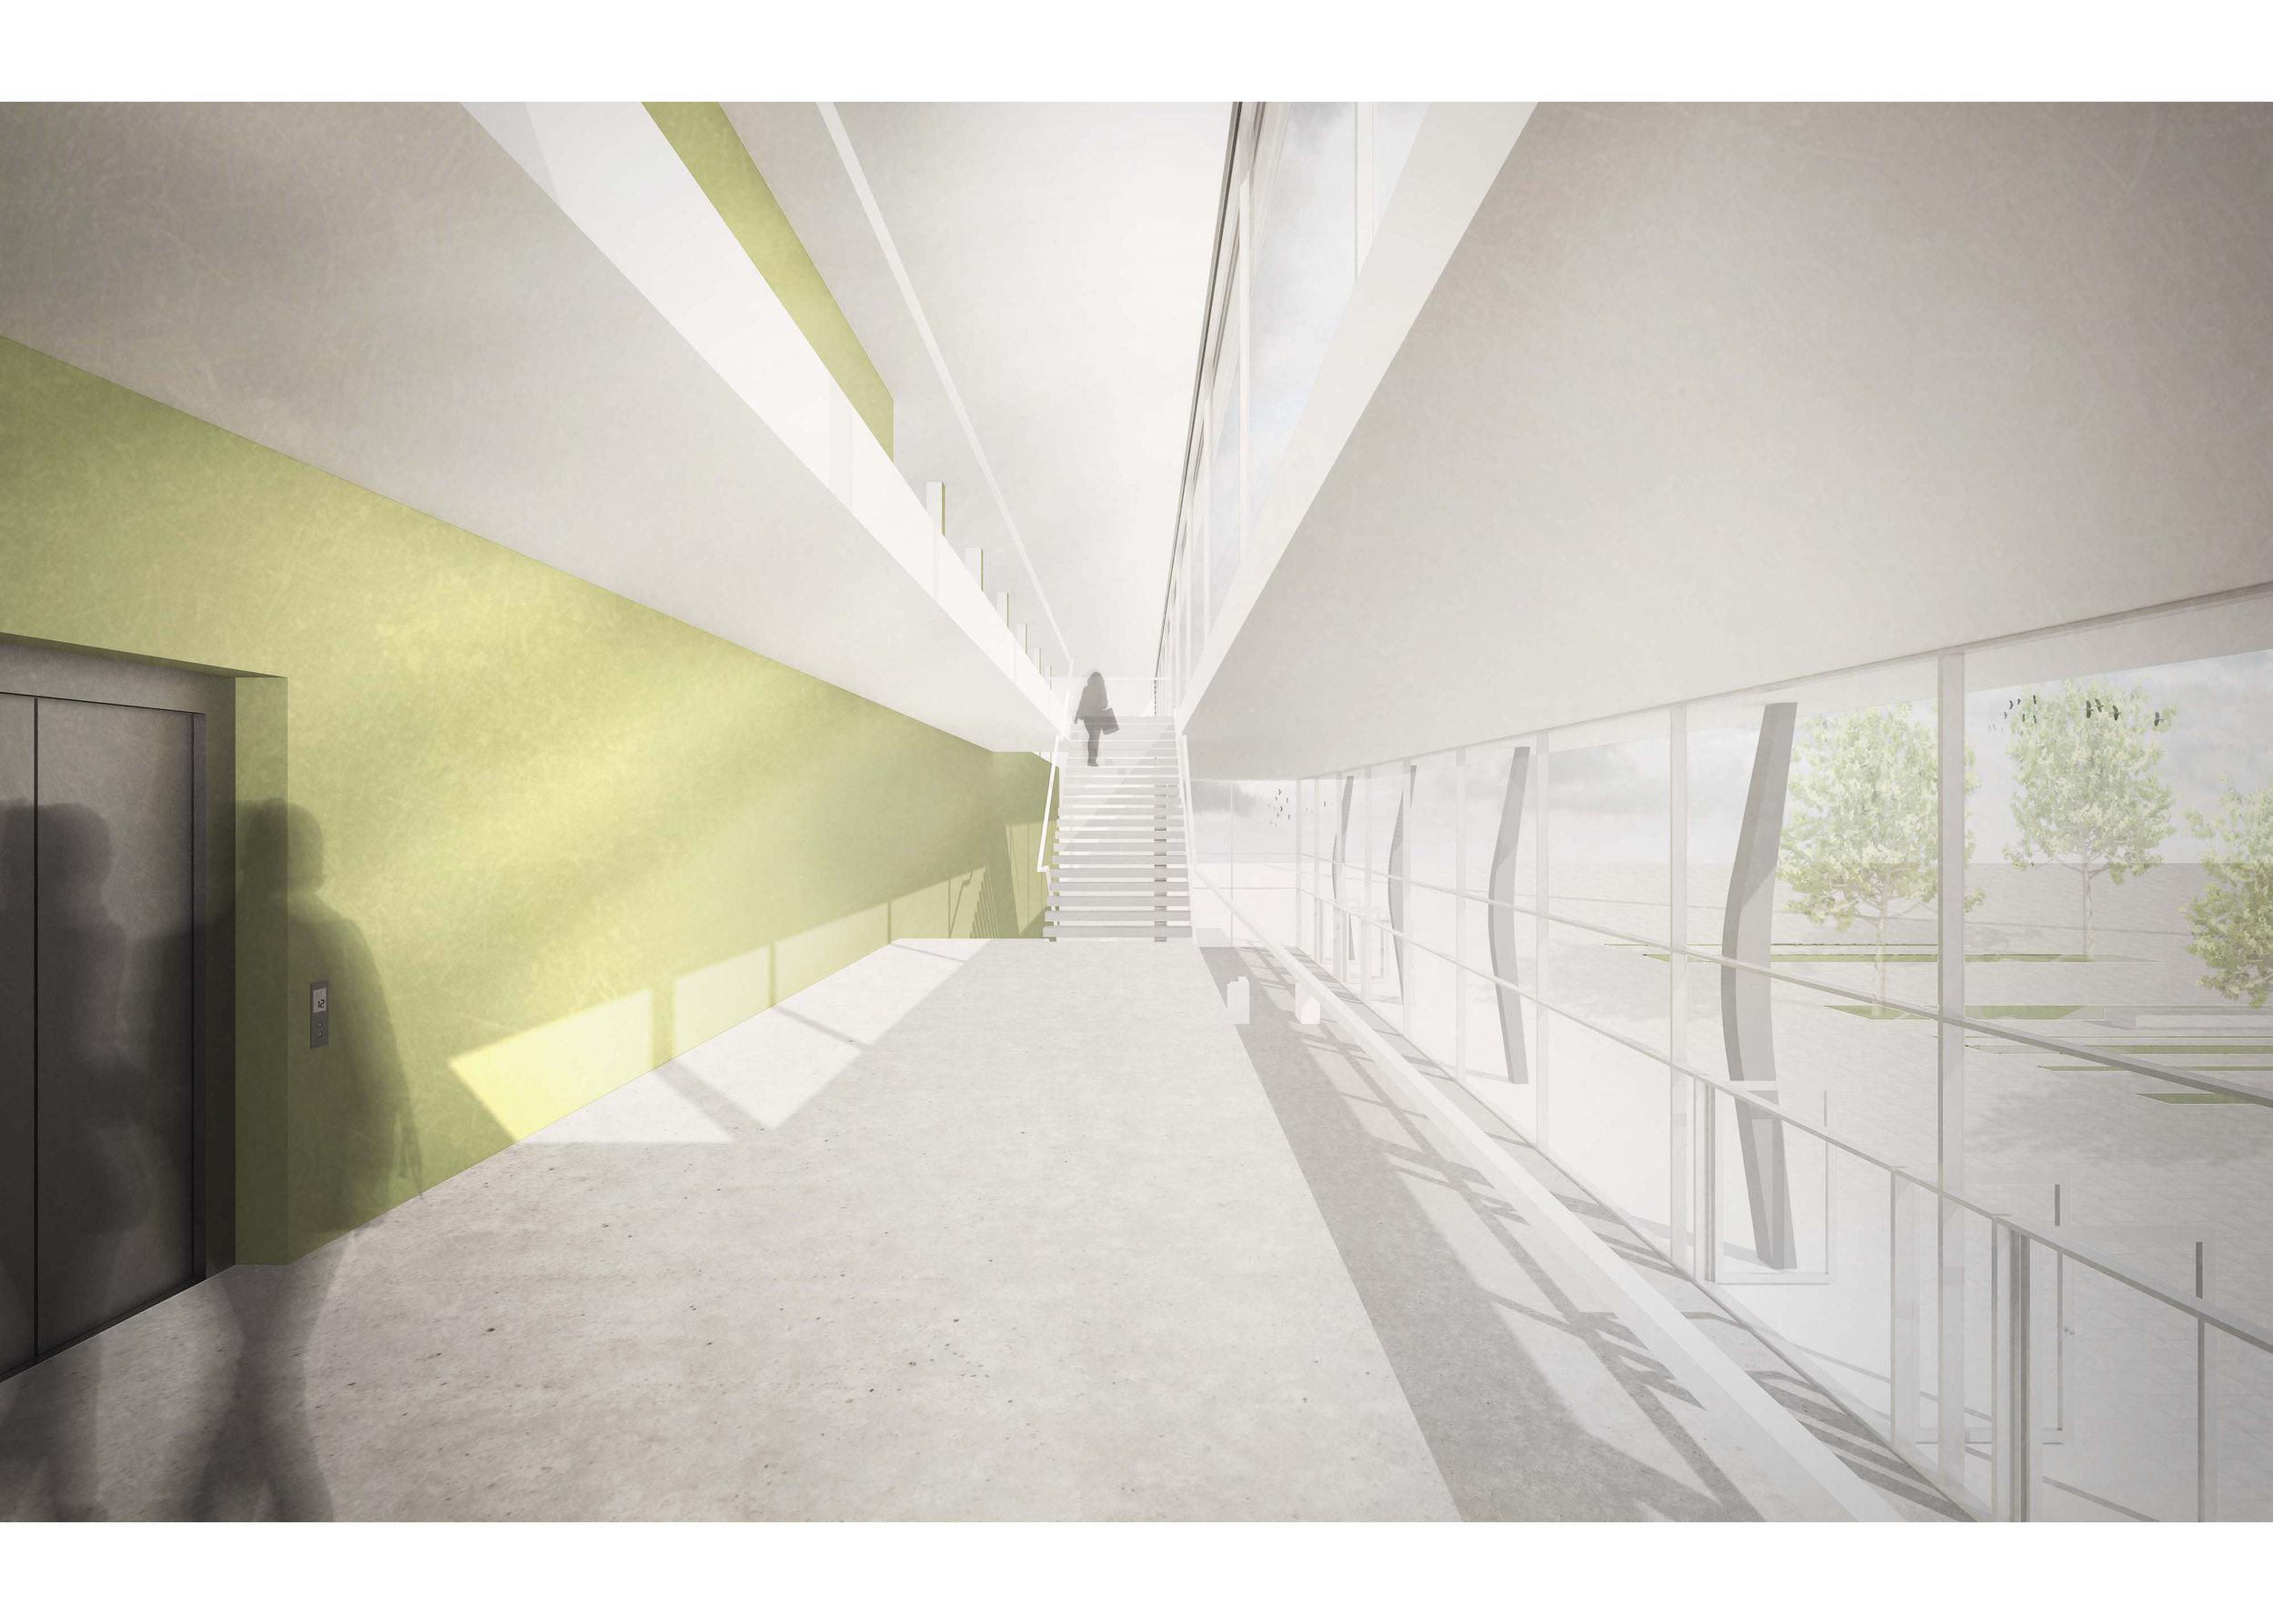 Perspektive5_innen-TEST_PS_web.jpg